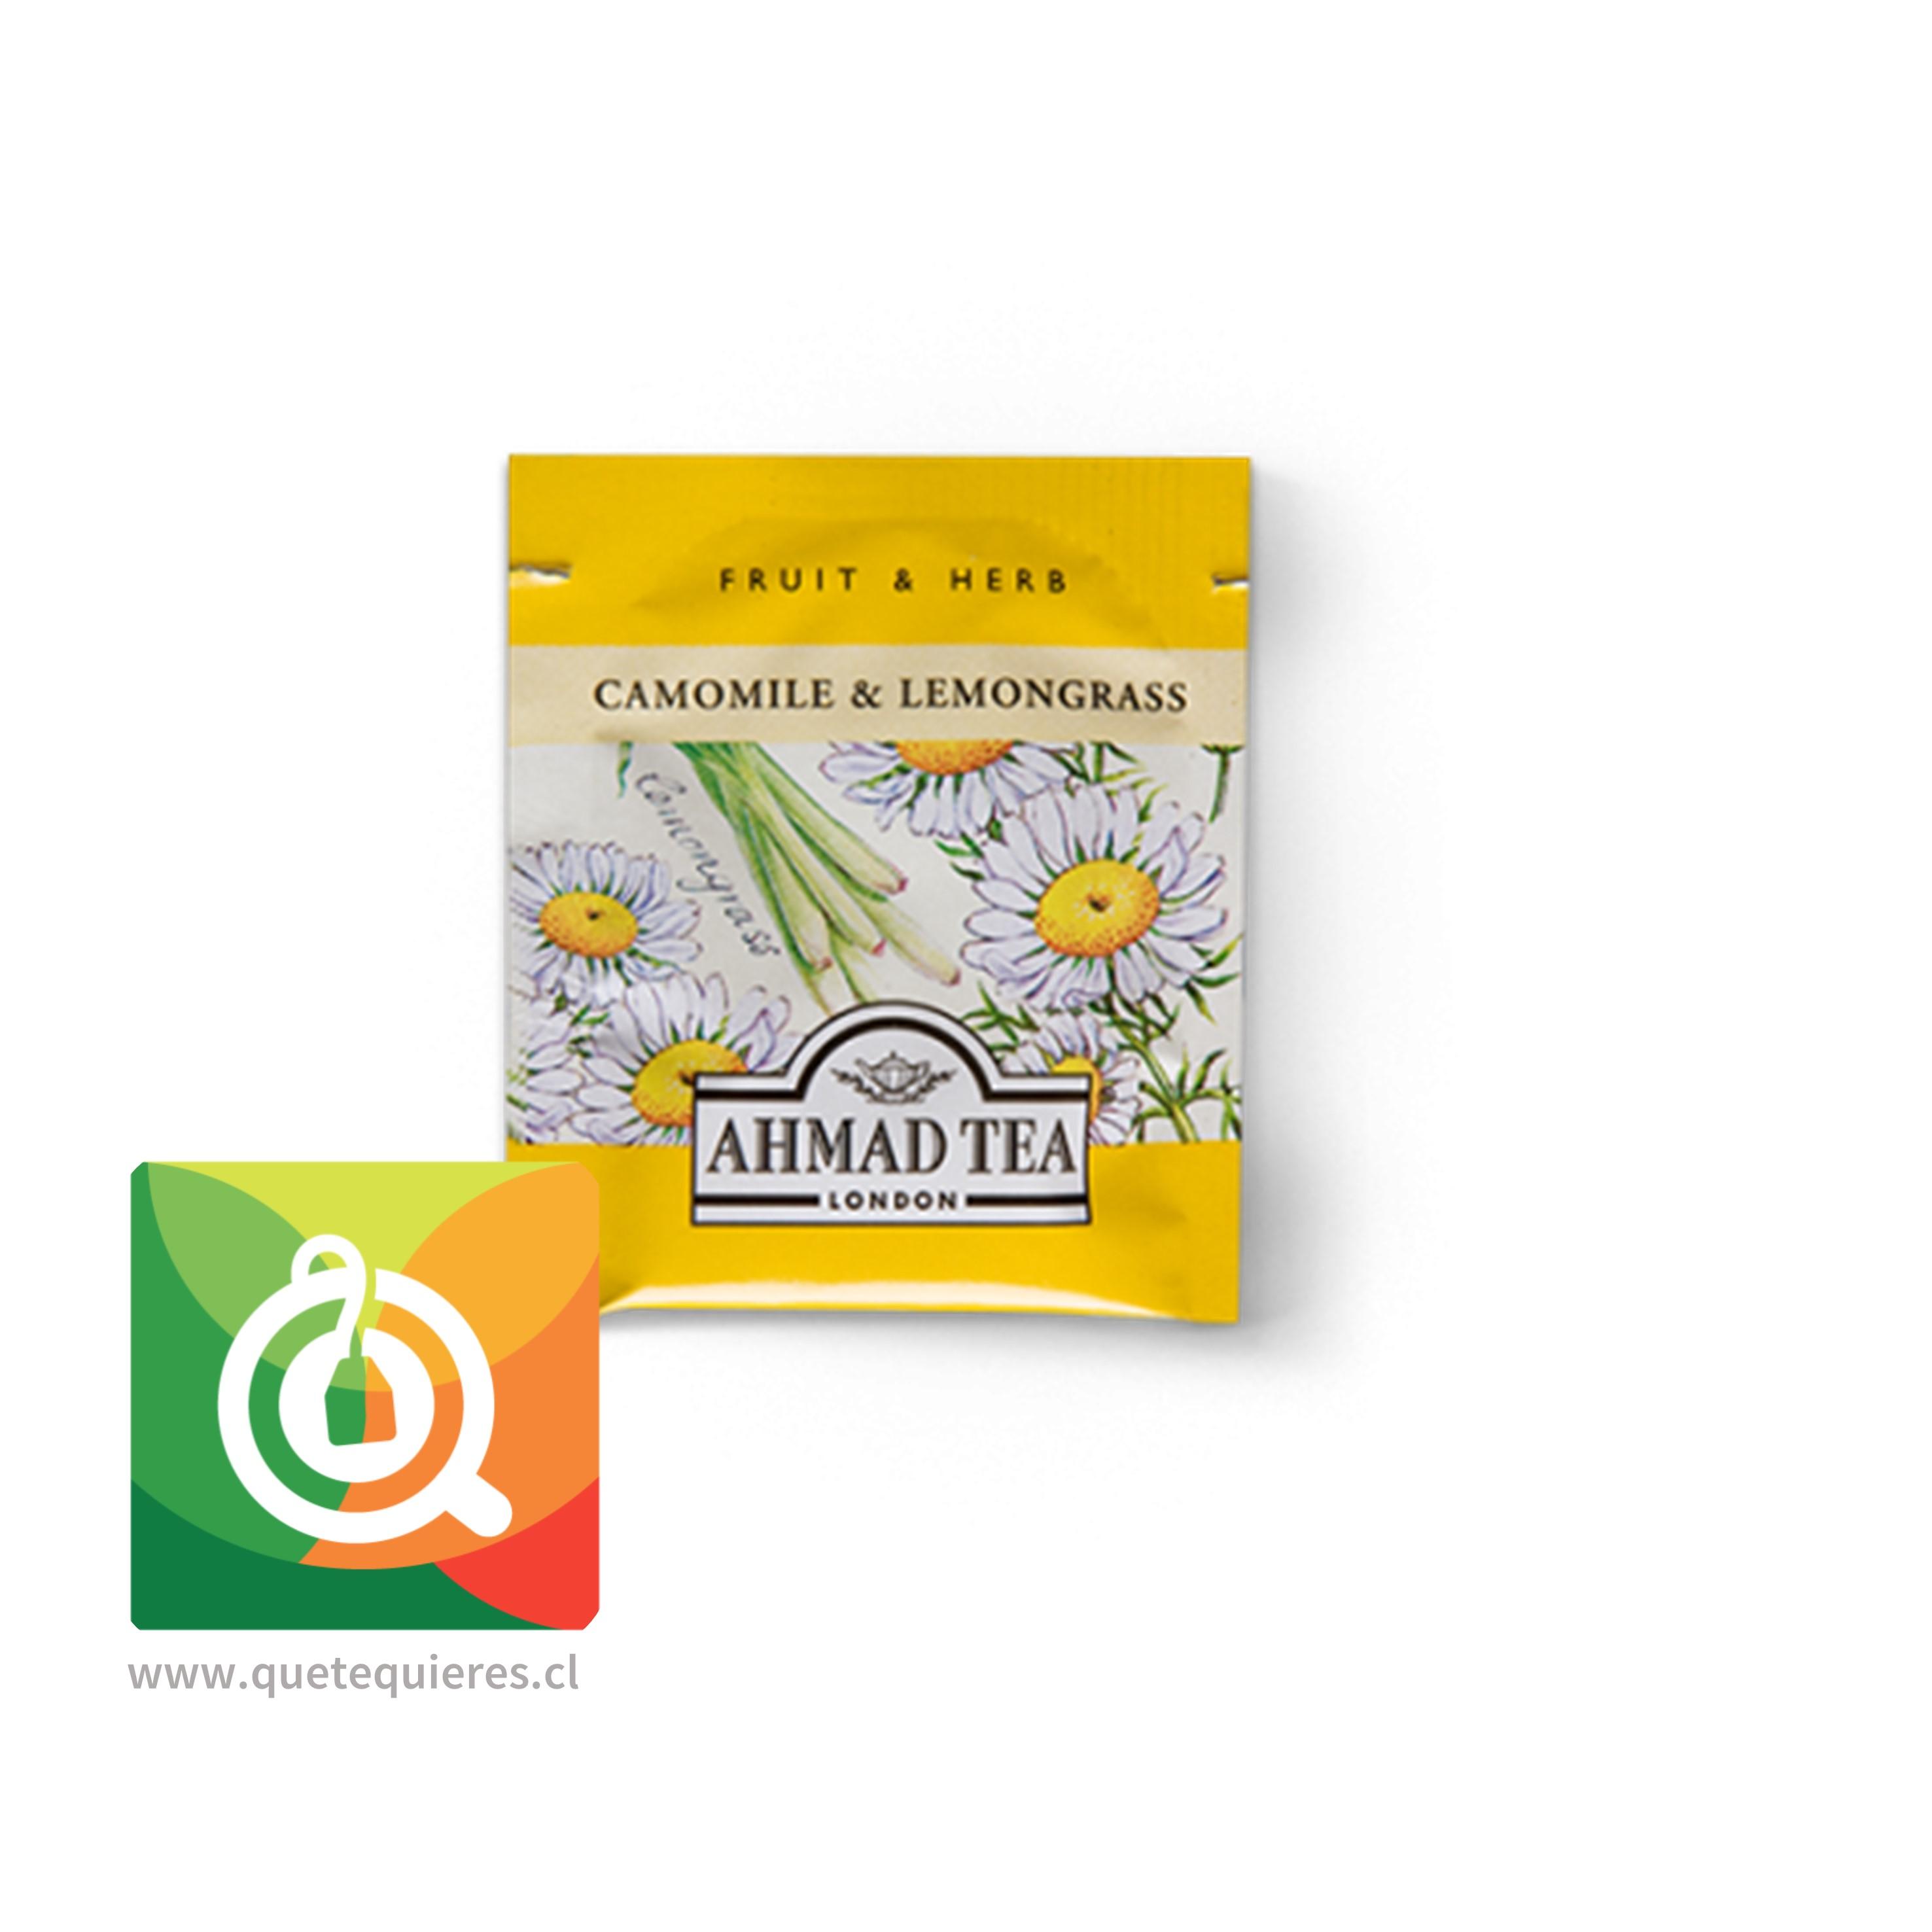 Ahmad infusion Camomile & Lemongrass Relax - Infusión de Manzanilla y Hierbalimón- Image 2